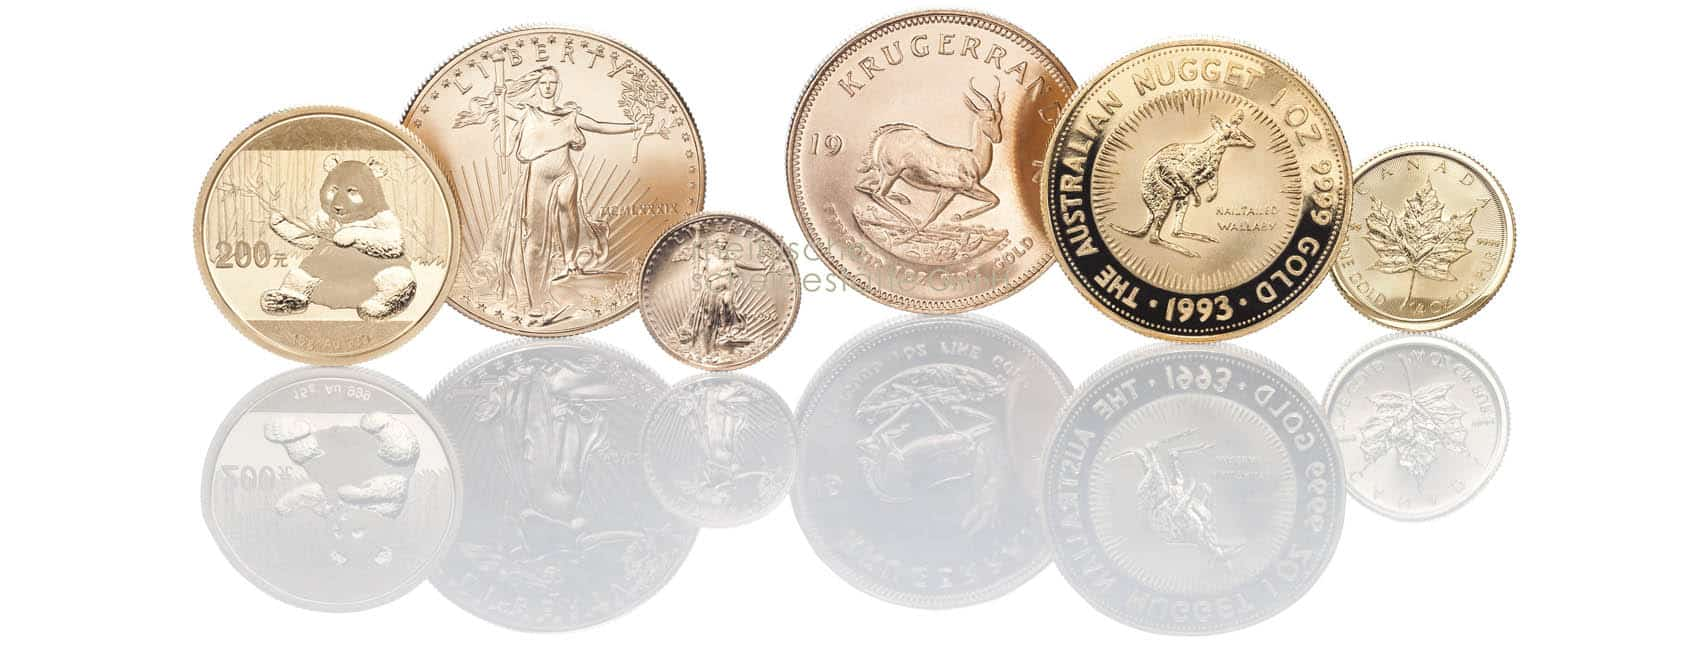 Goldmünzen kaufen anonym